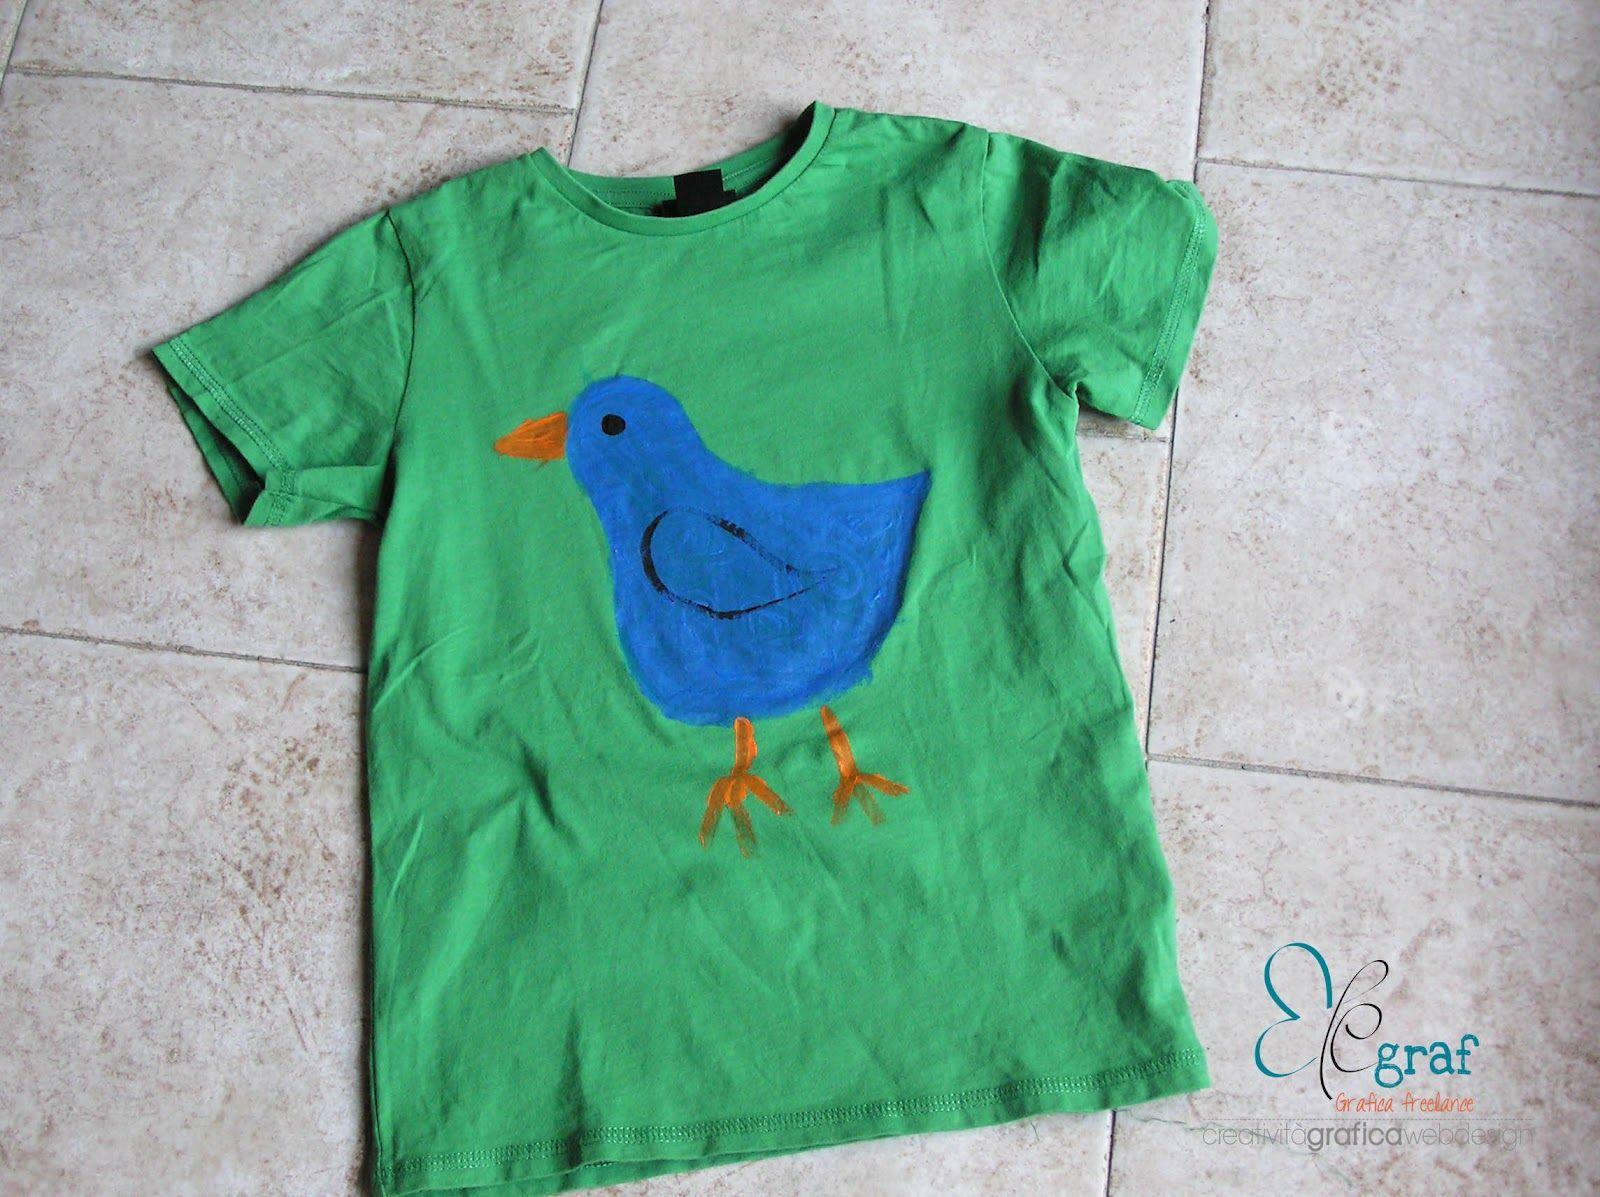 Bambini Dipinti ~ Come dipingere le magliette con i bambini i miei lavori pinterest